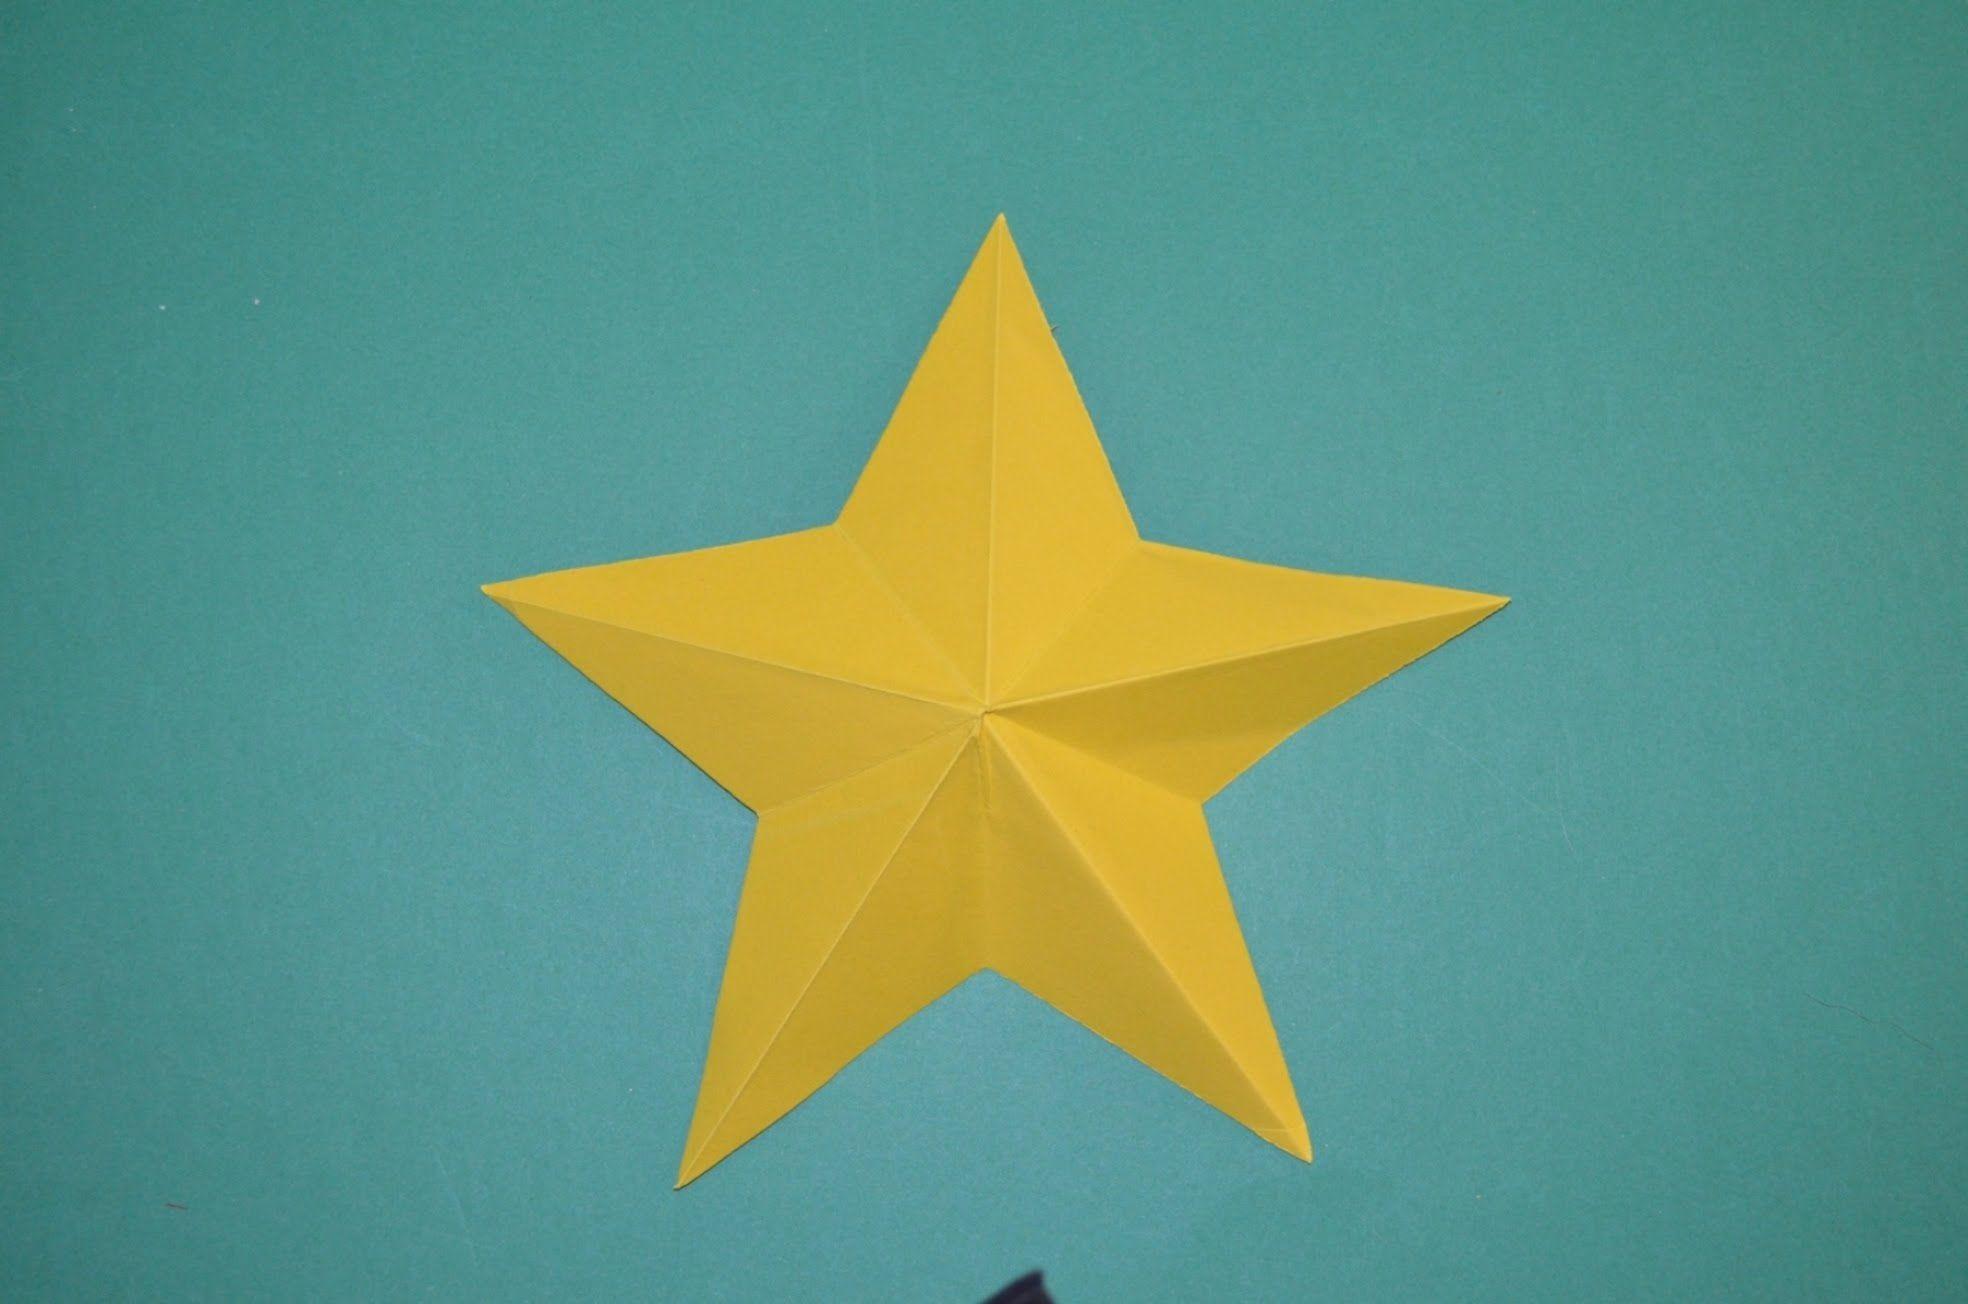 Como Hacer Una Estrella De Papel Facil Origami Diy And Crafts Diy Gifts